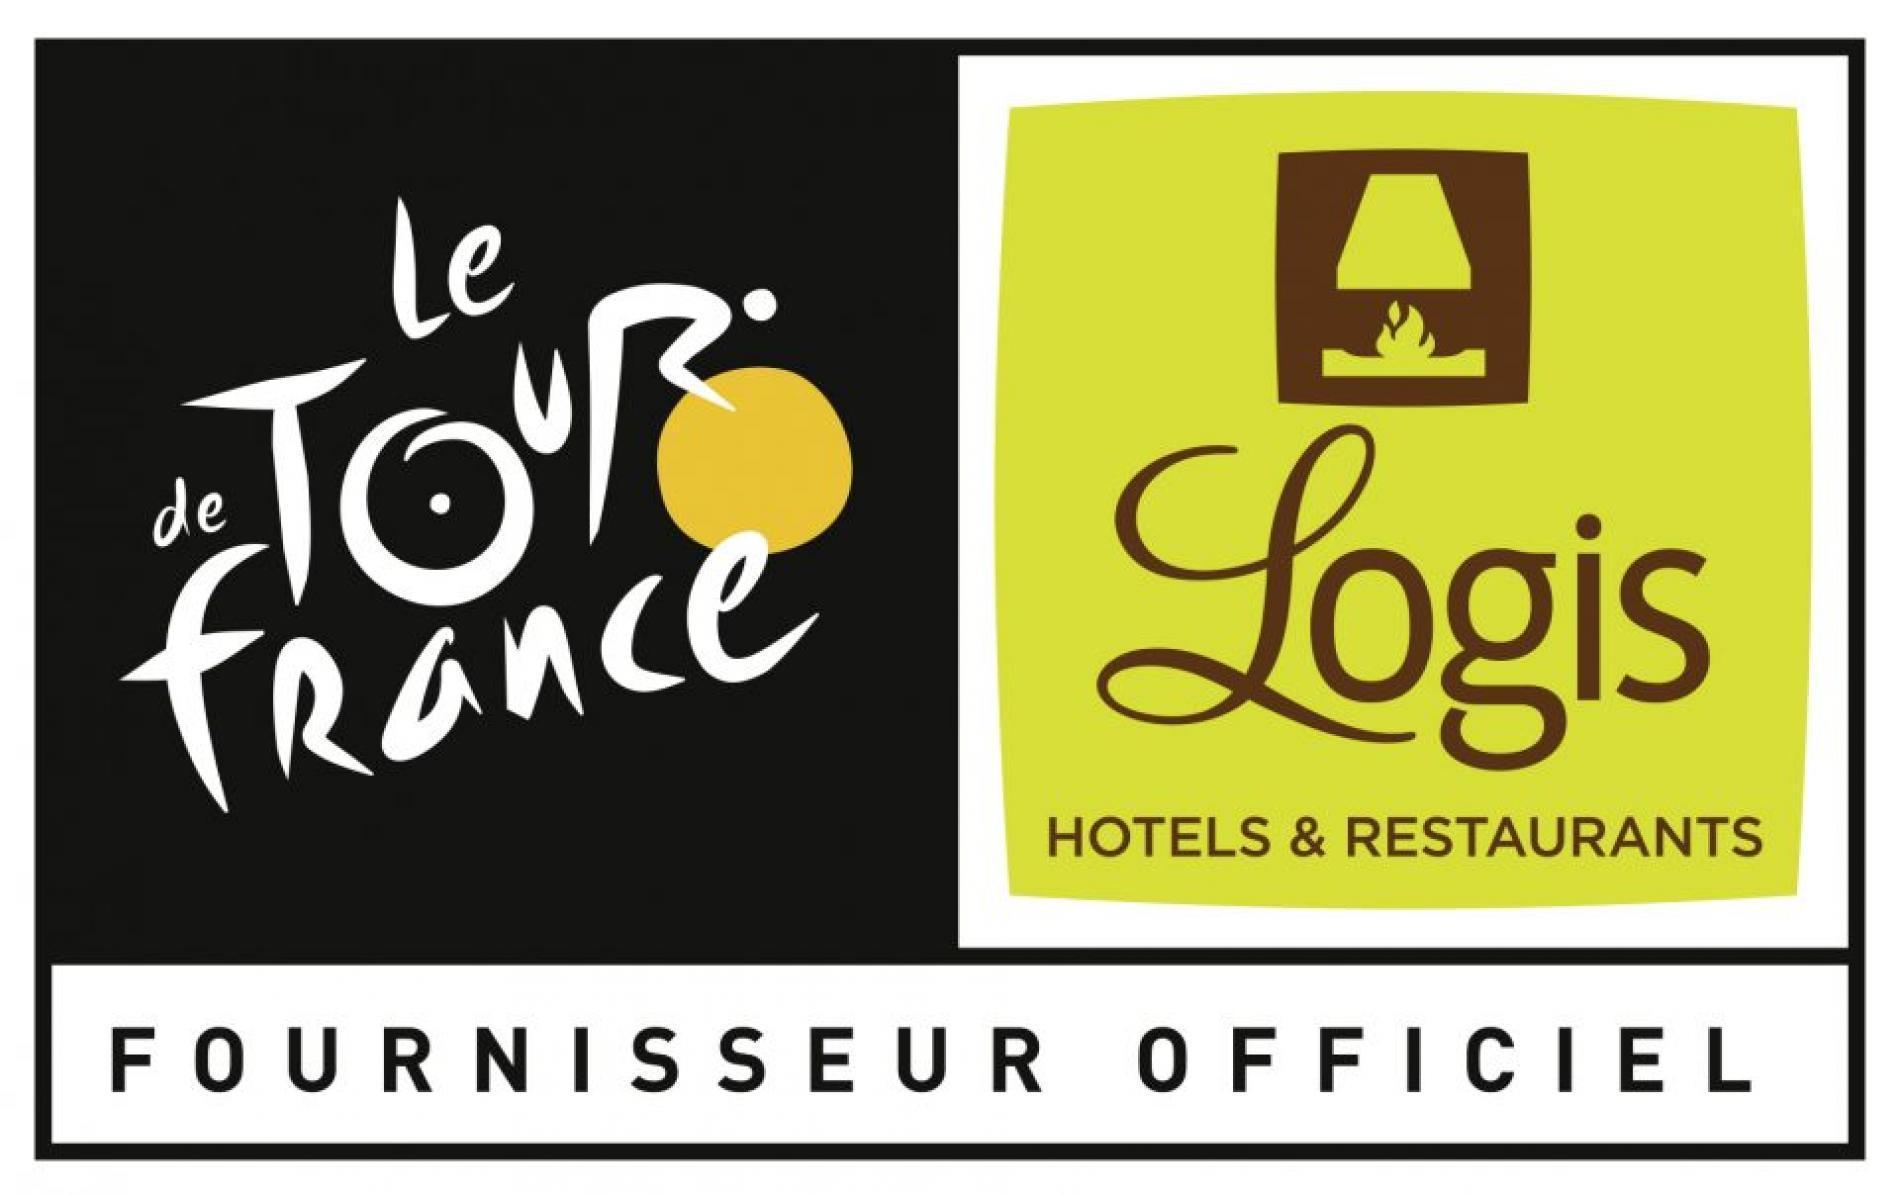 Logis partenaire Officiel du Tour de France